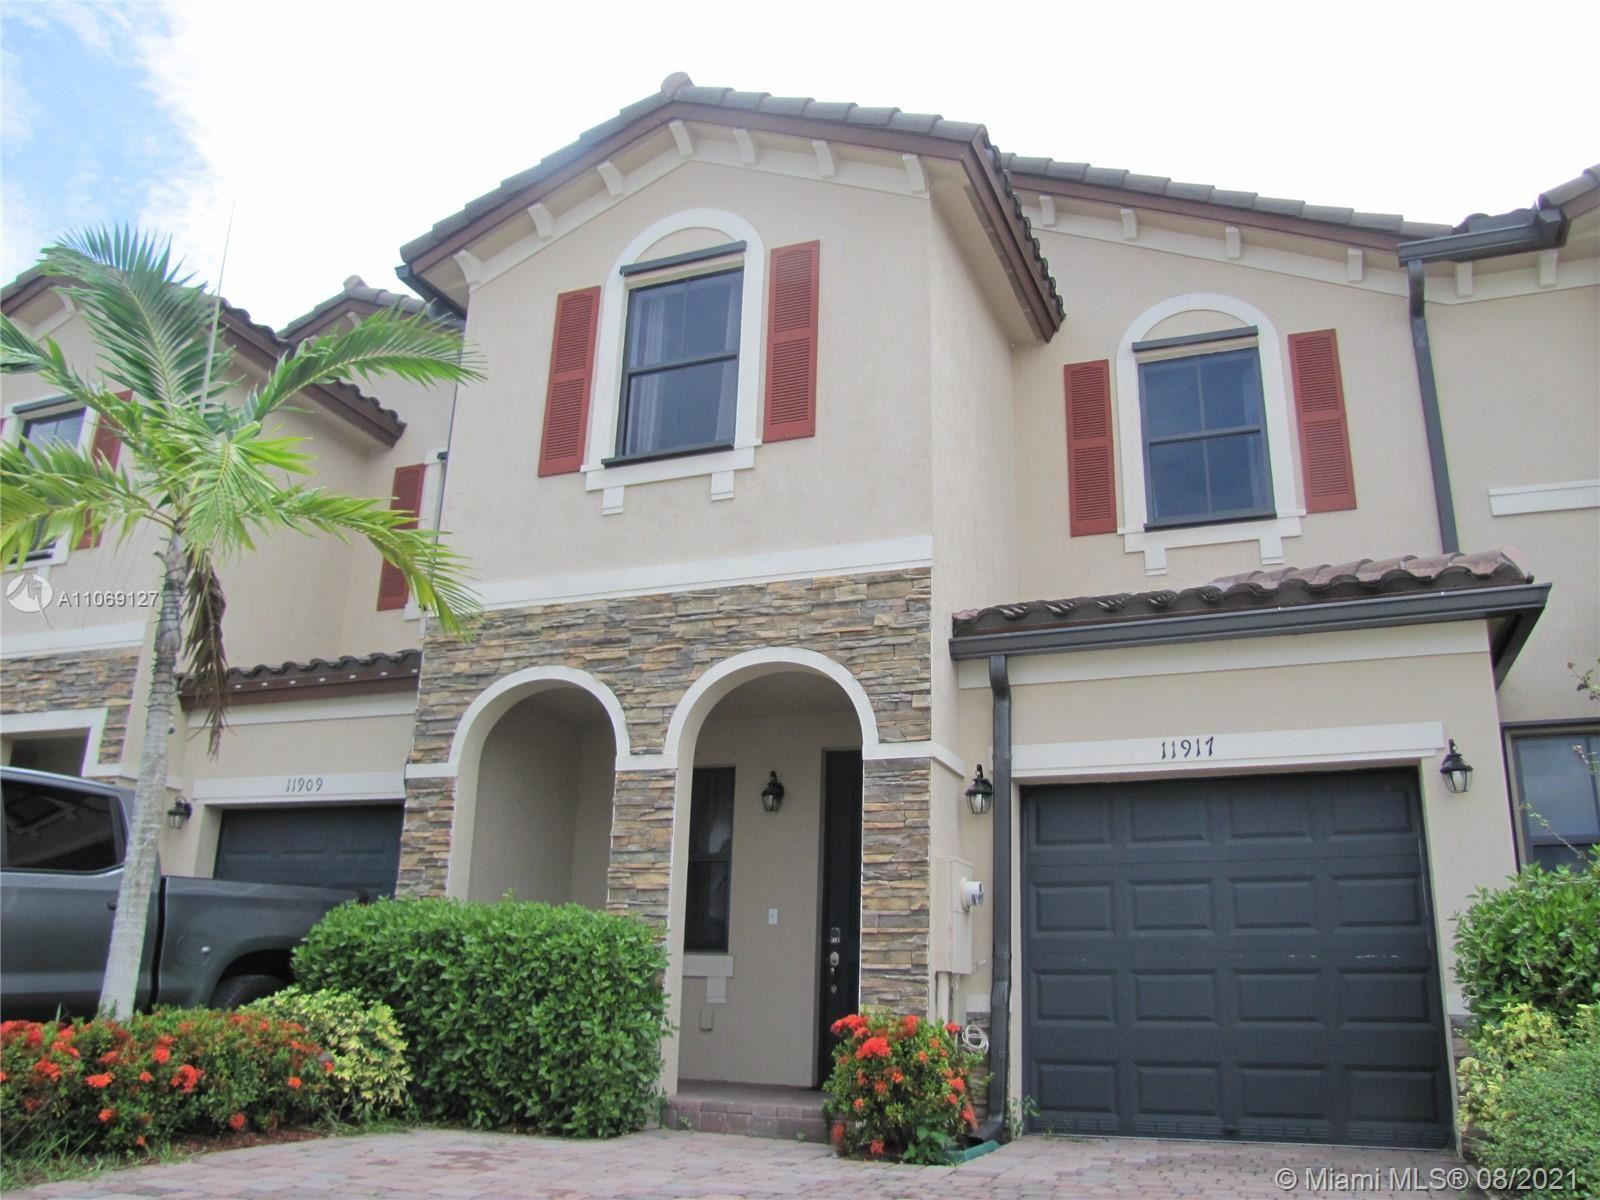 11917 SW 150th Pl, Miami, FL 33196 - #: A11069127